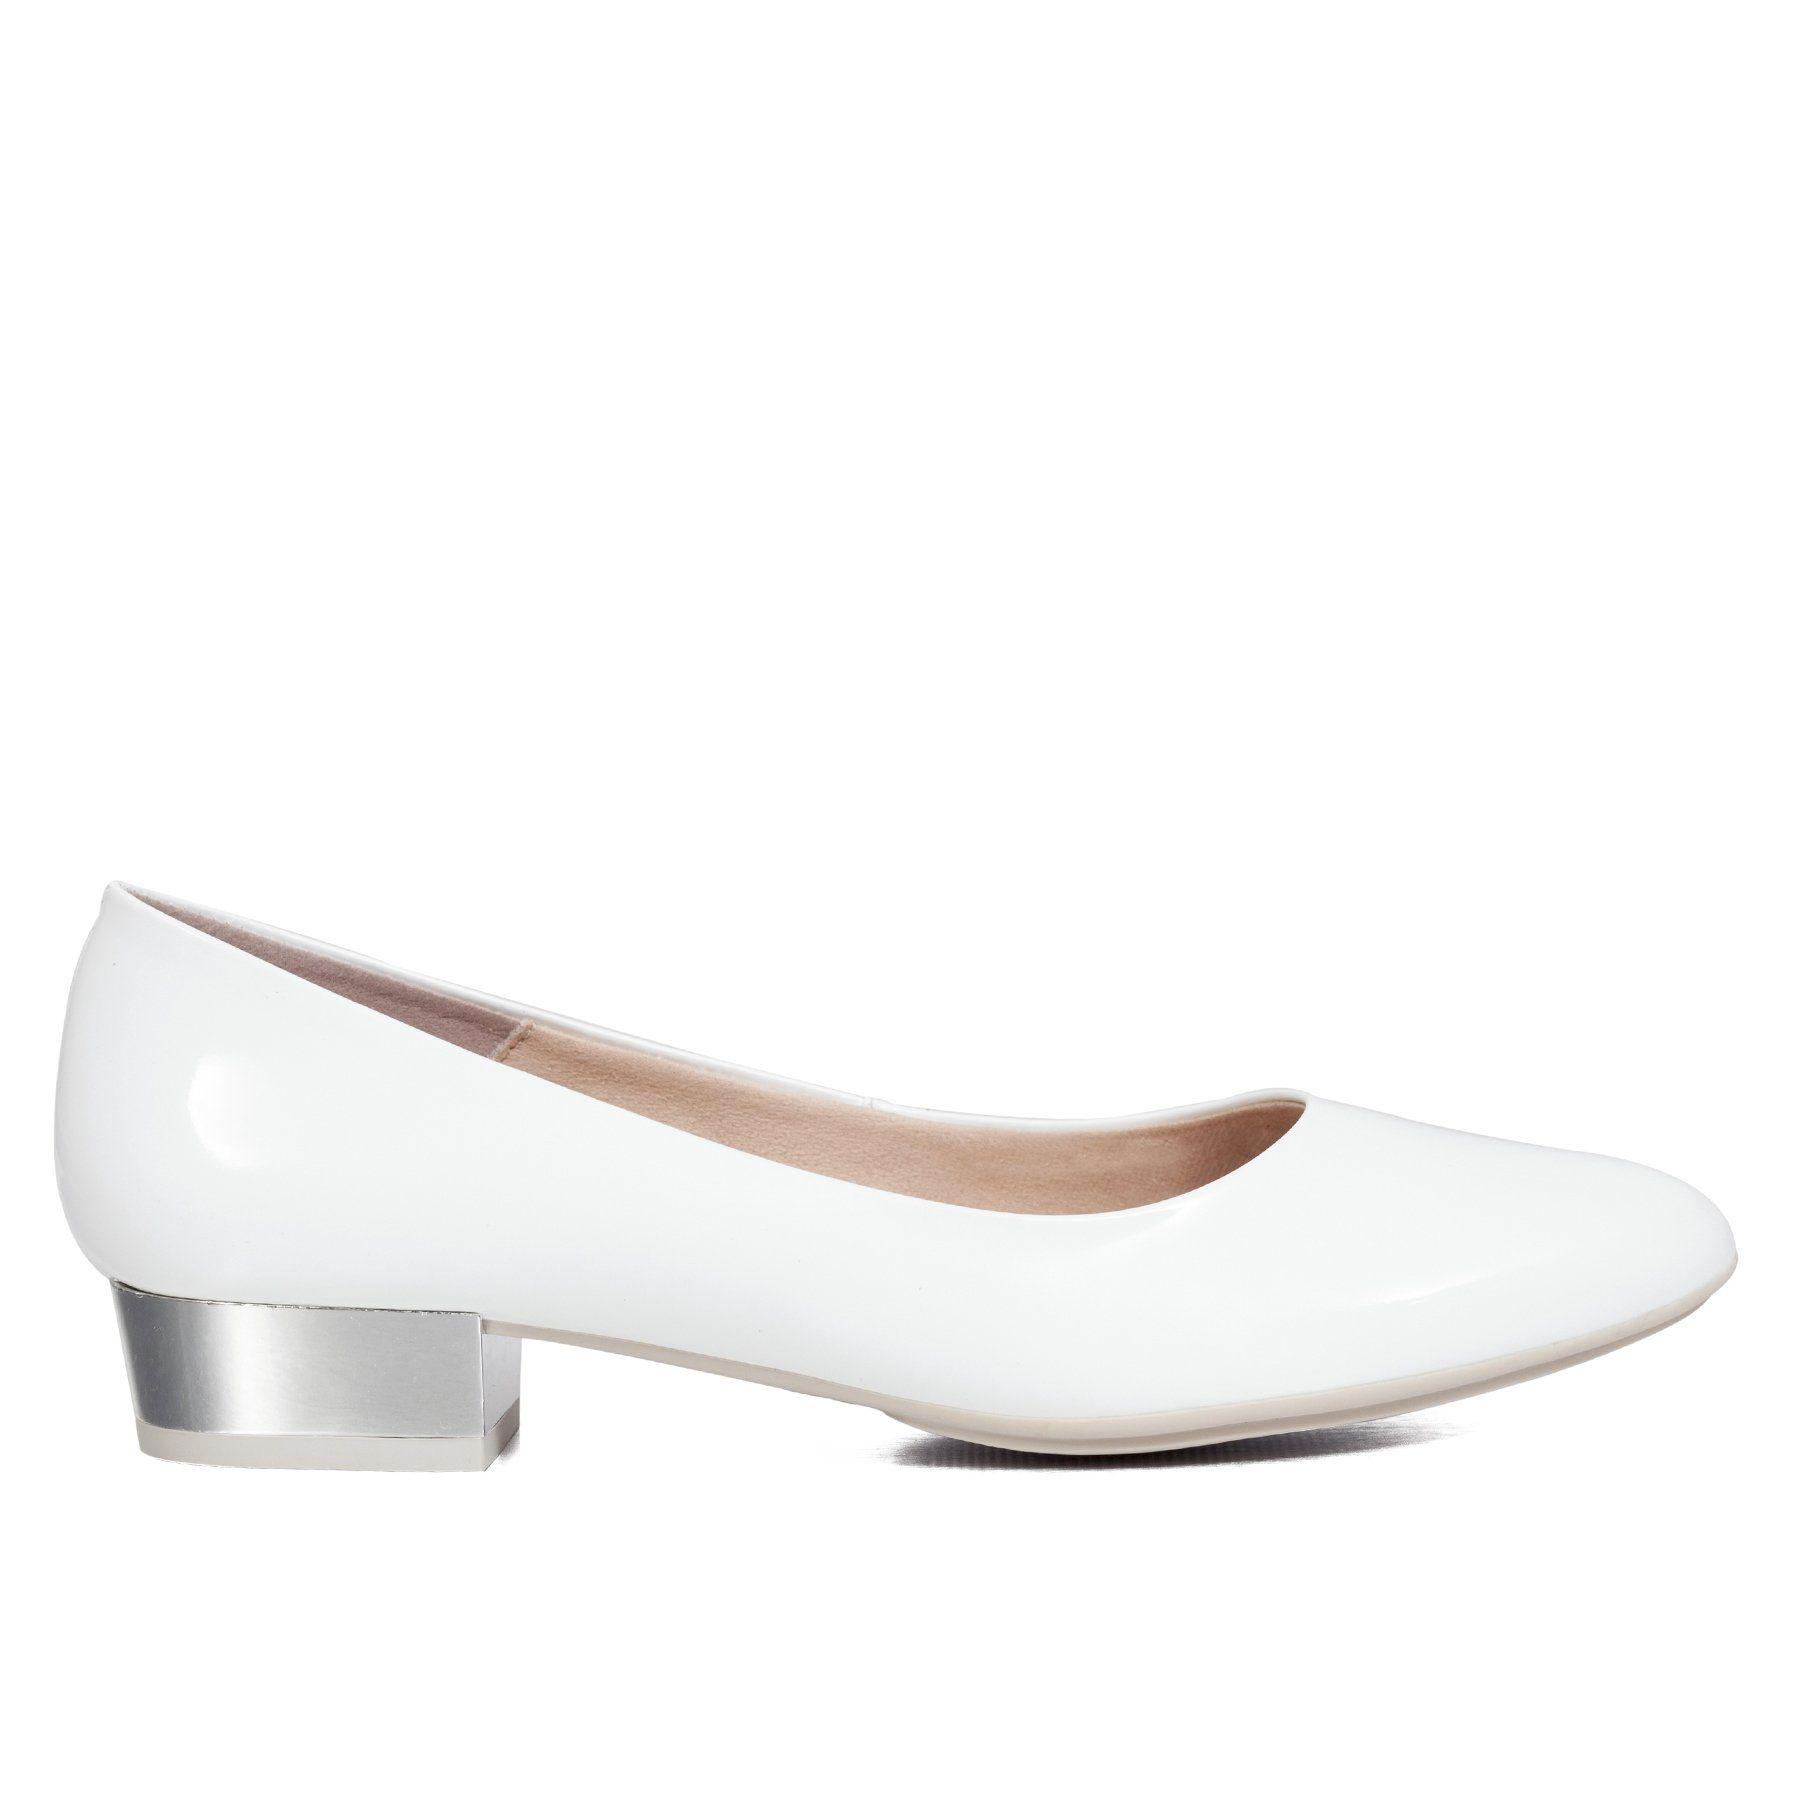 f6ed6aef Zapato tacón bajo charol mujer BLANCO – miMaO Spain Tienda Online – miMaO  ShopOnline